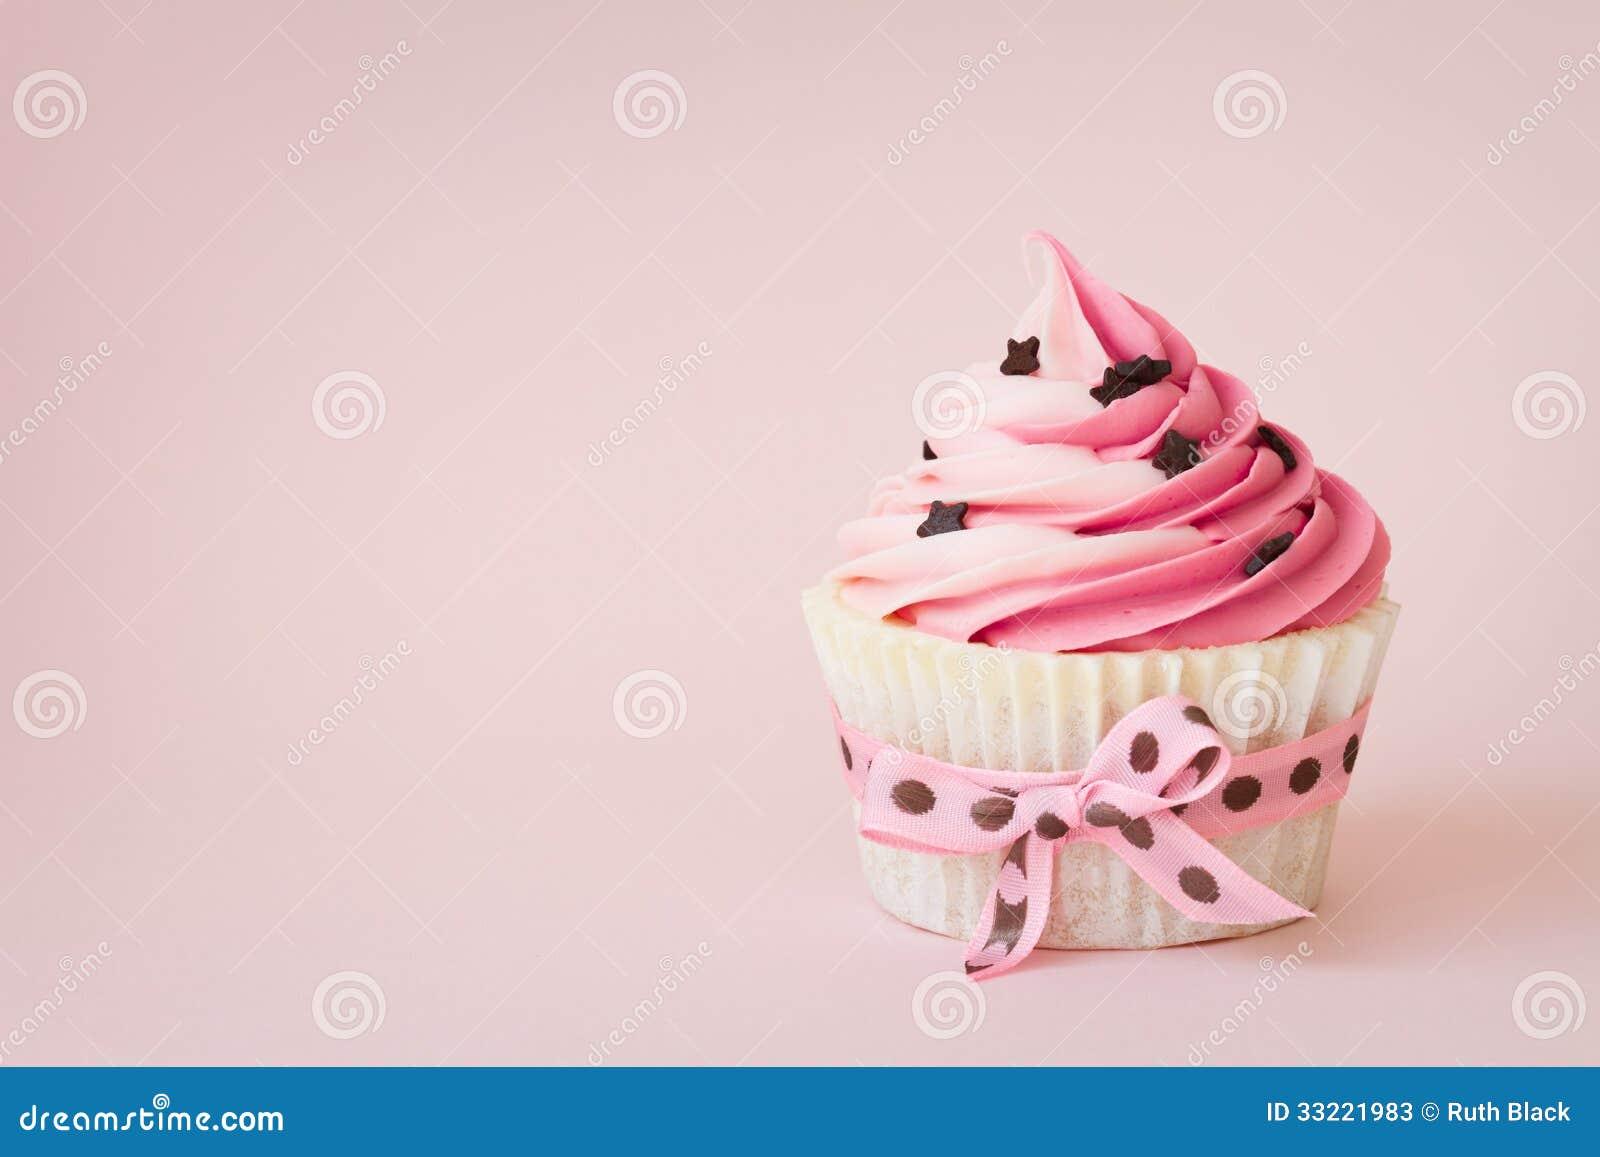 Raw Cakes Cupcakes